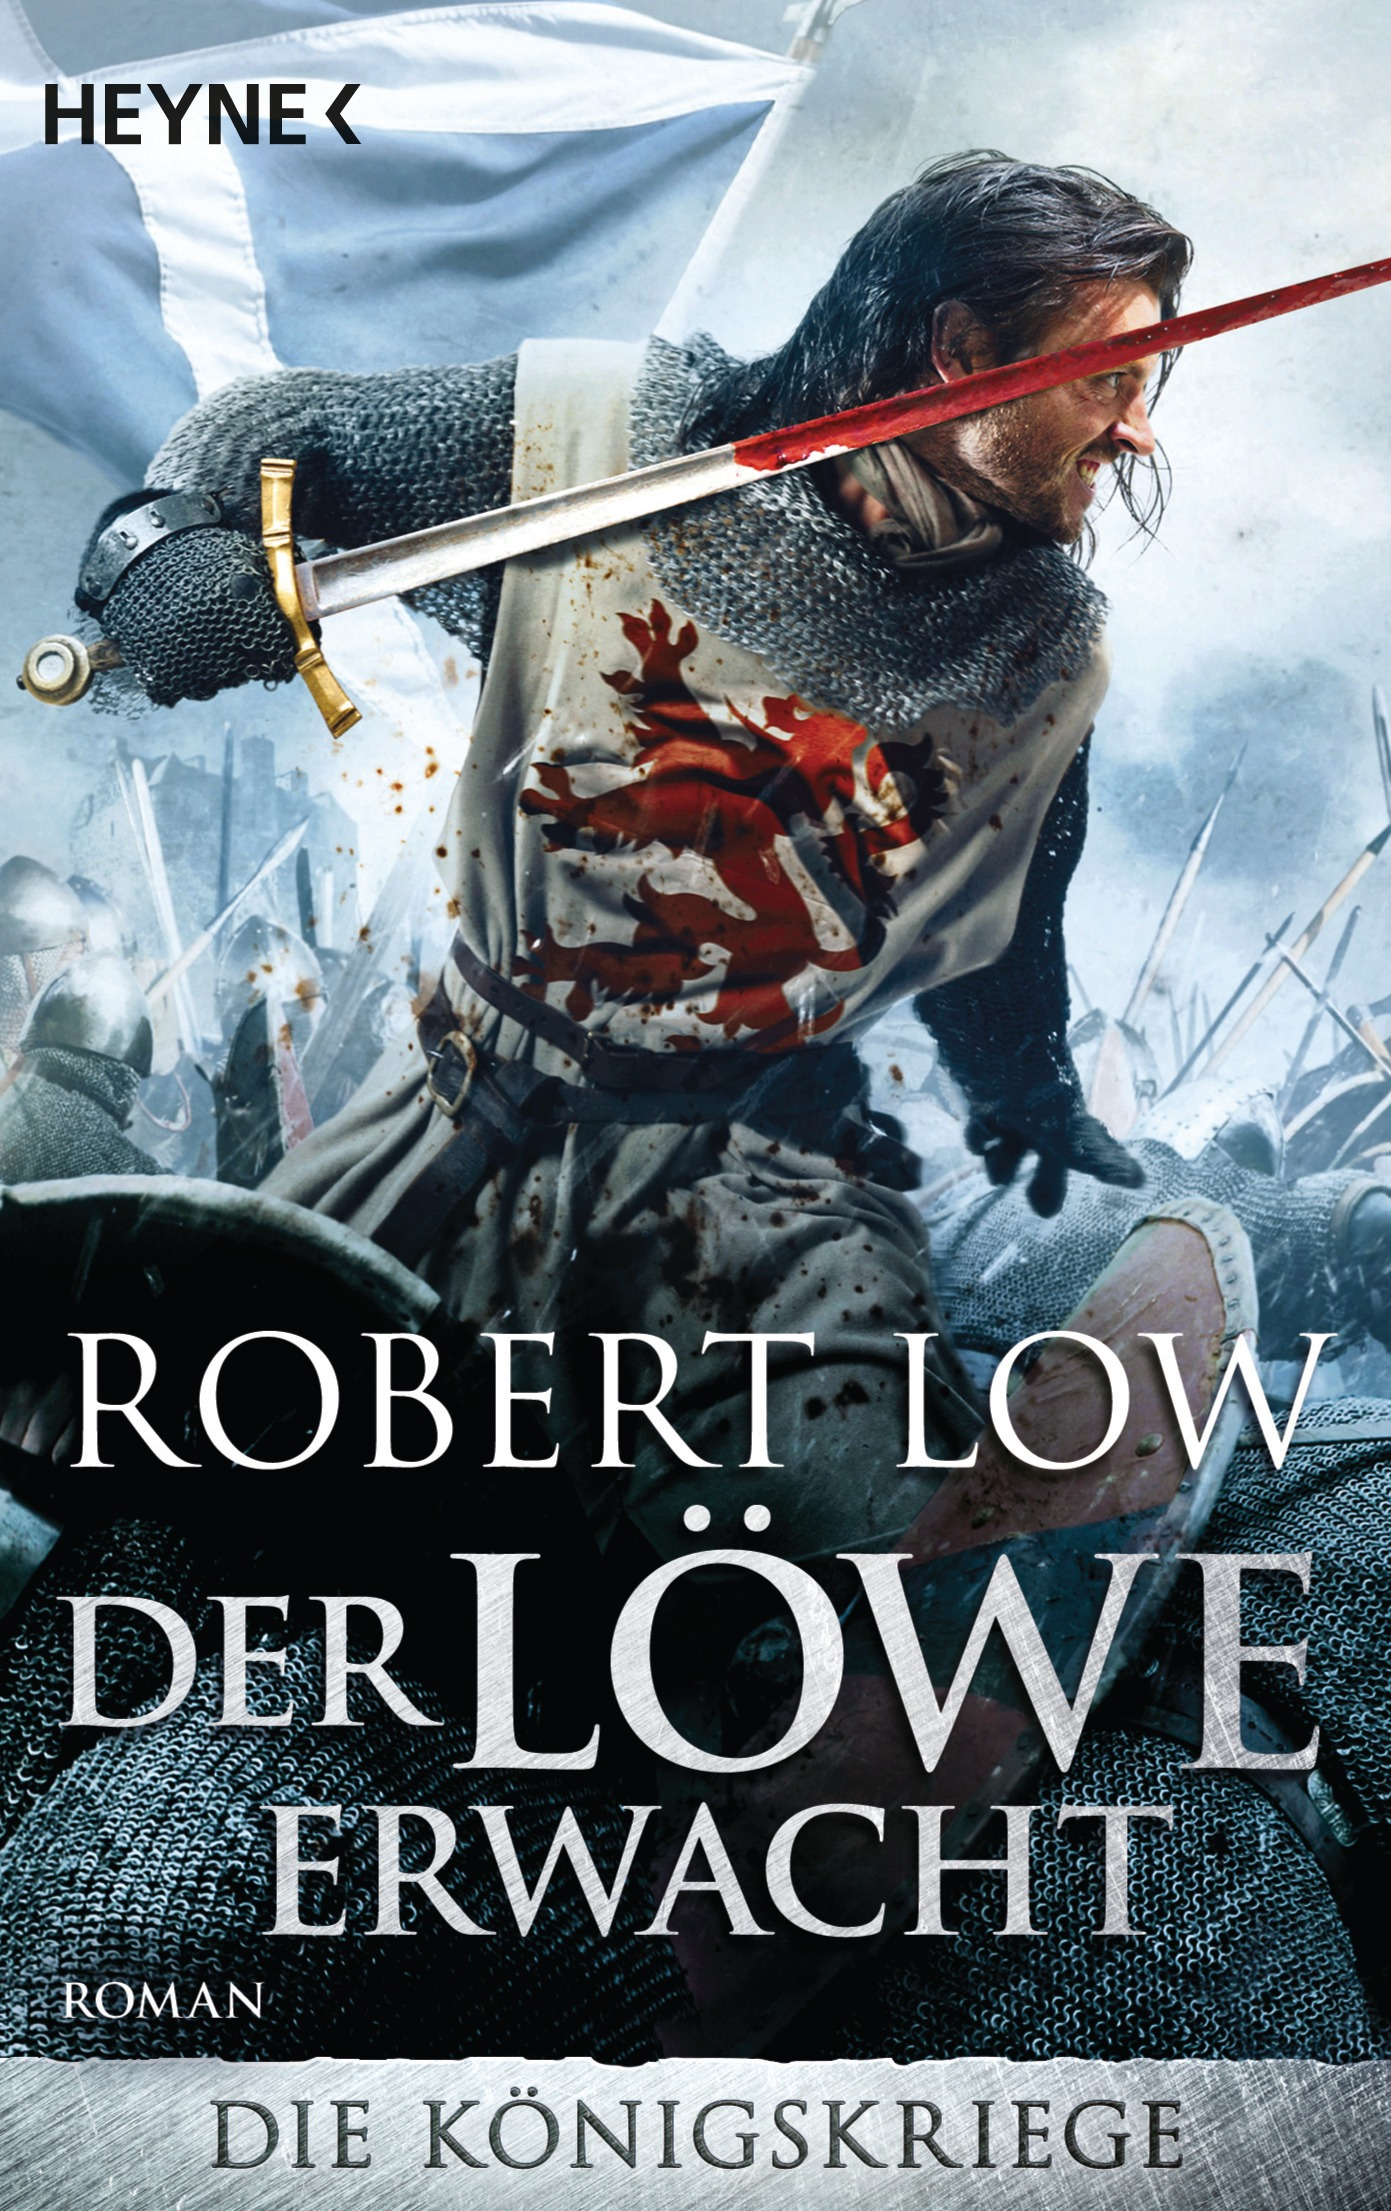 Die Königskriege - Band 1: Der Löwe erwacht - Robert Low [taschenbuch]